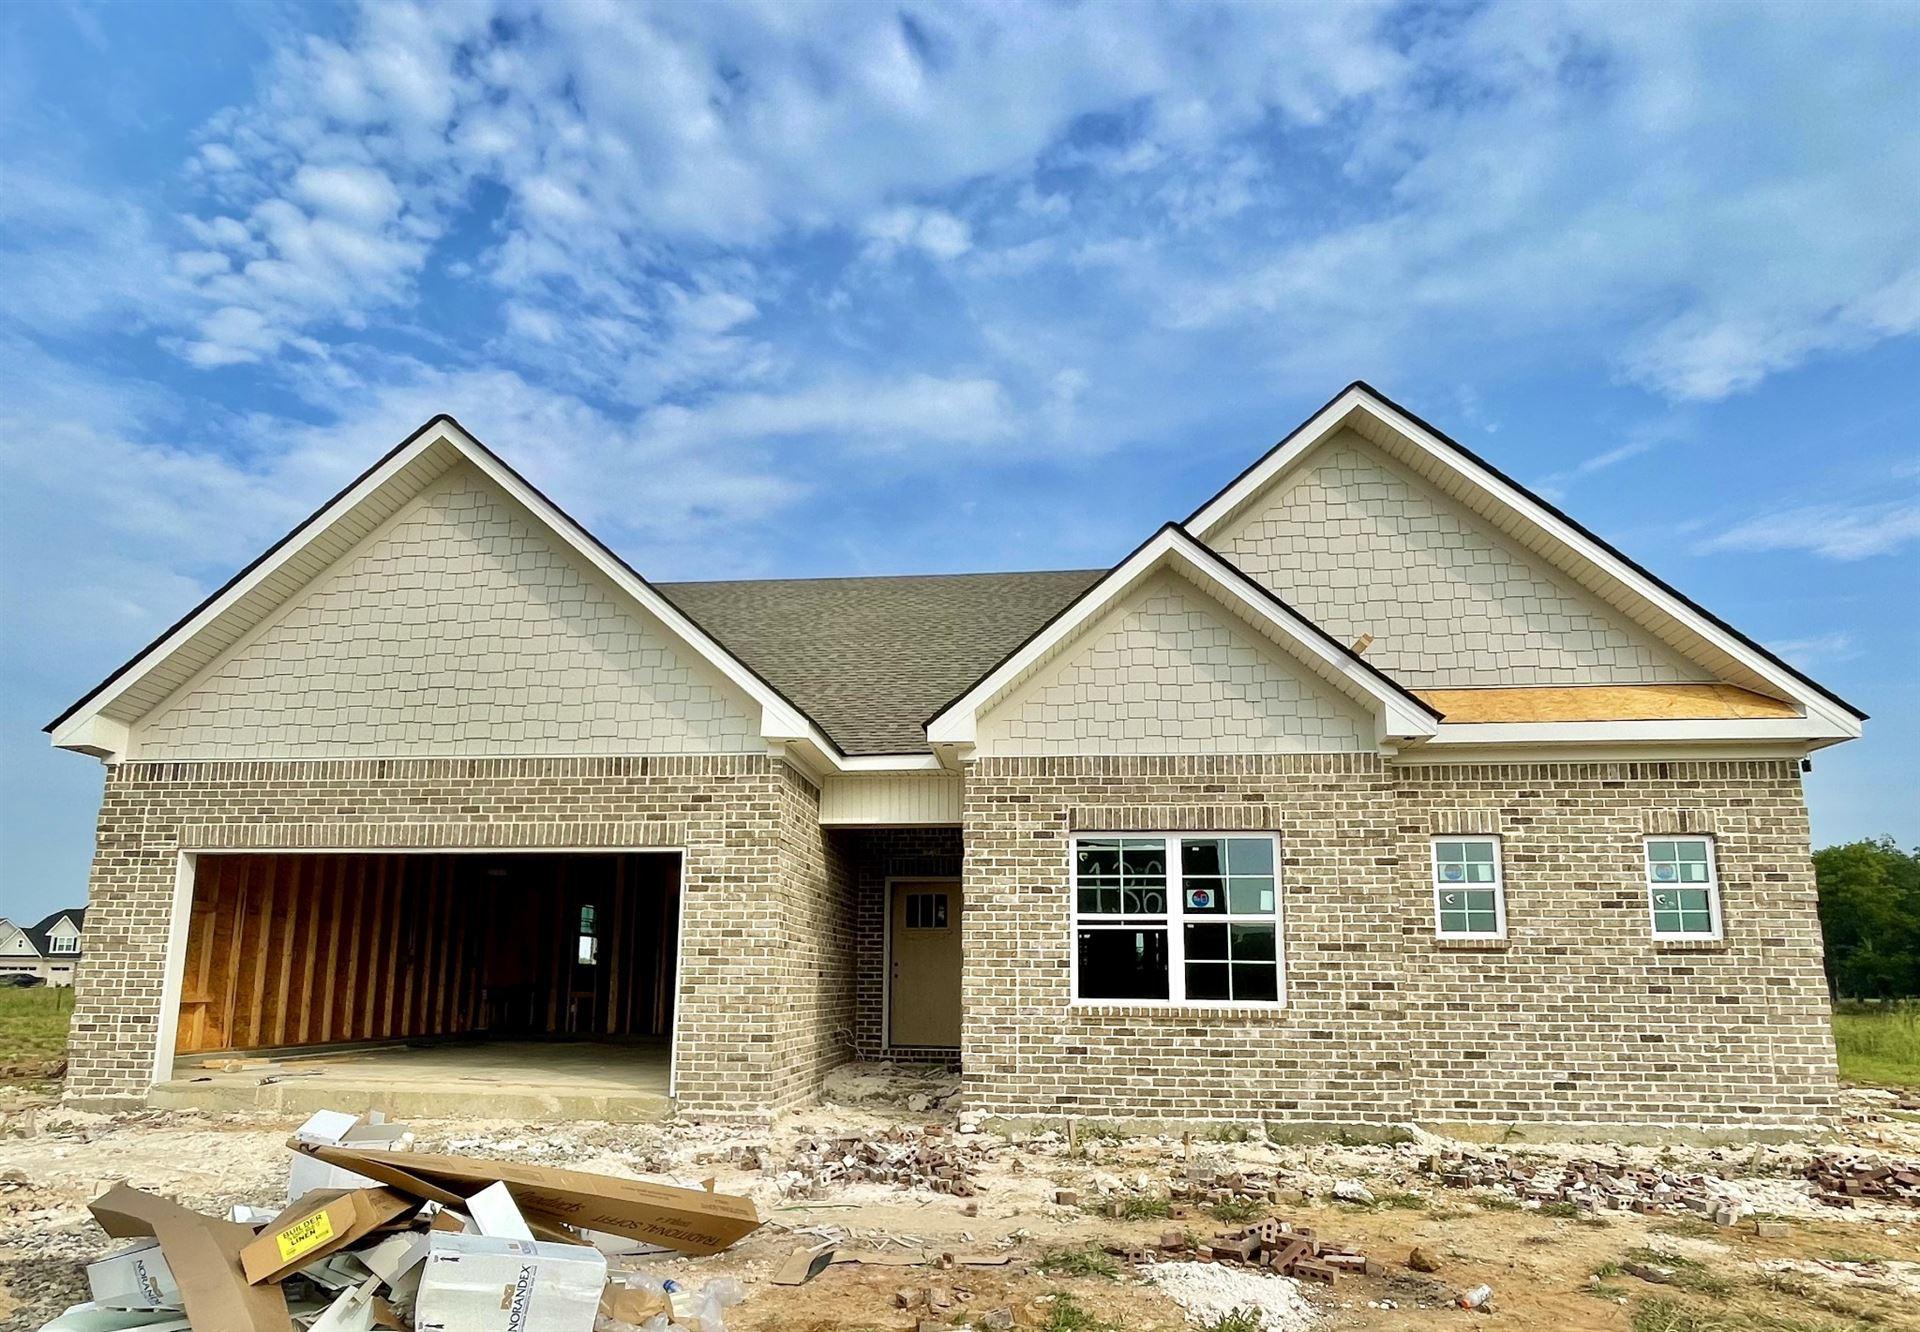 4107 Maples Farm Dr (Lot 136), Murfreesboro, TN 37127 - MLS#: 2275838